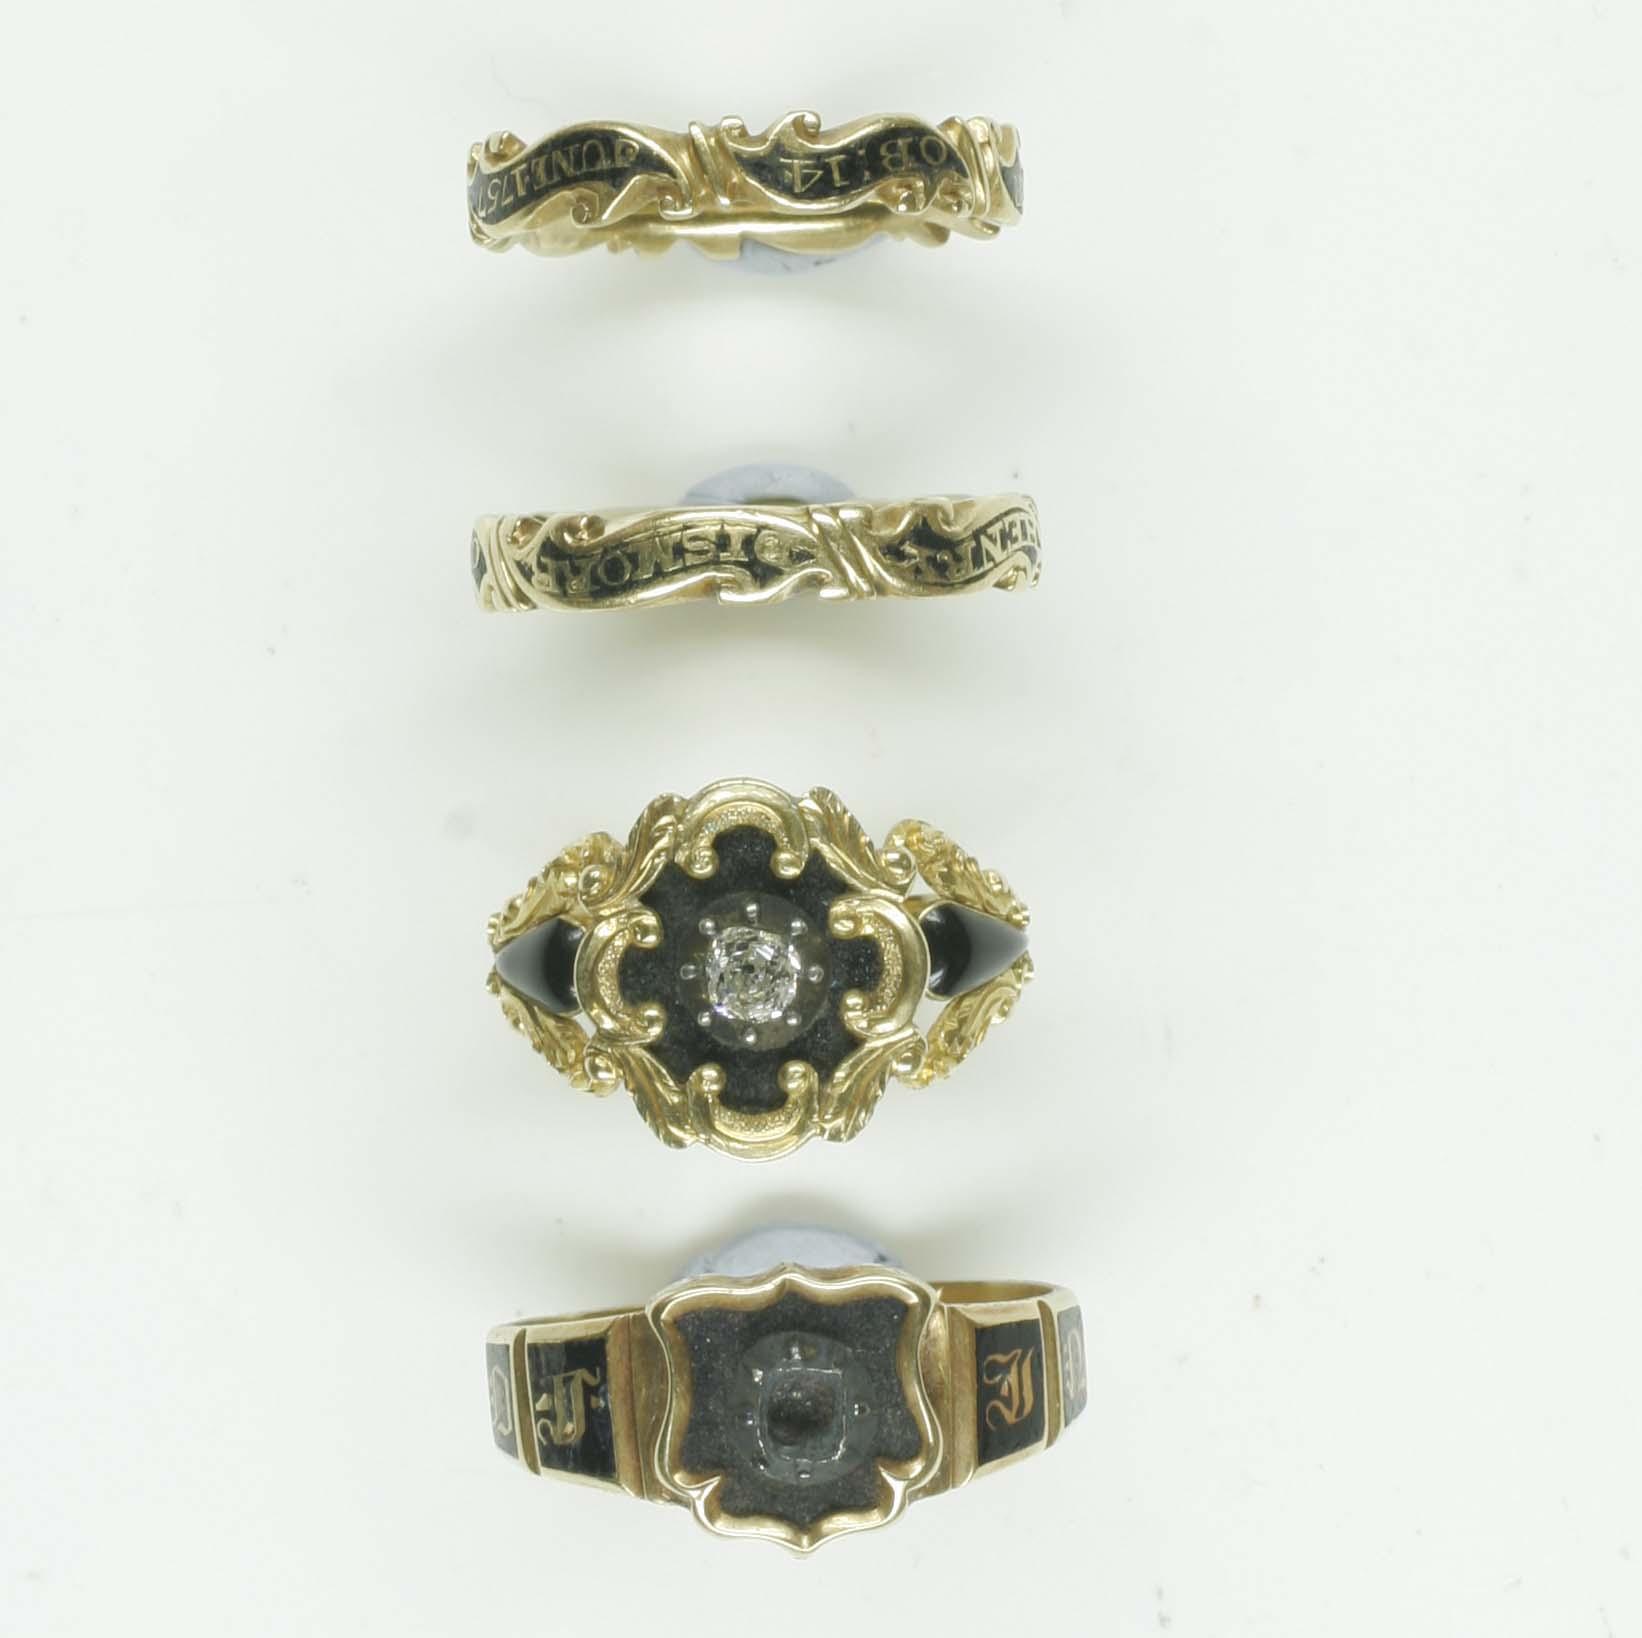 Four memorial rings